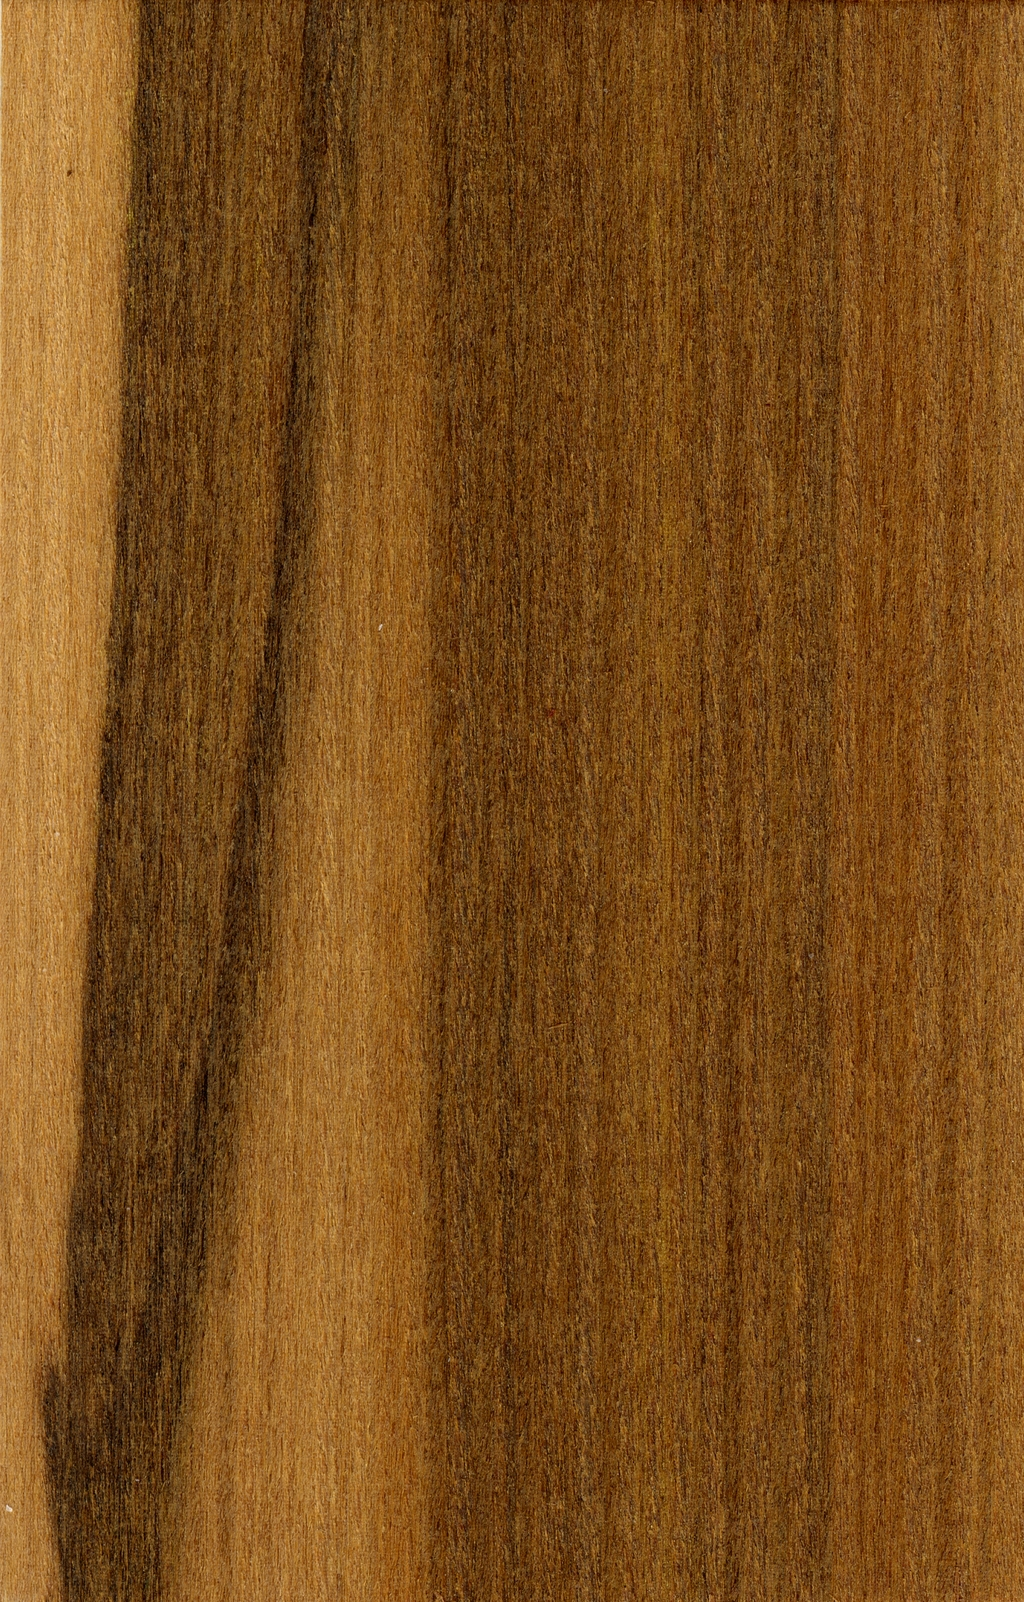 木纹材质纹理贴图高清实拍